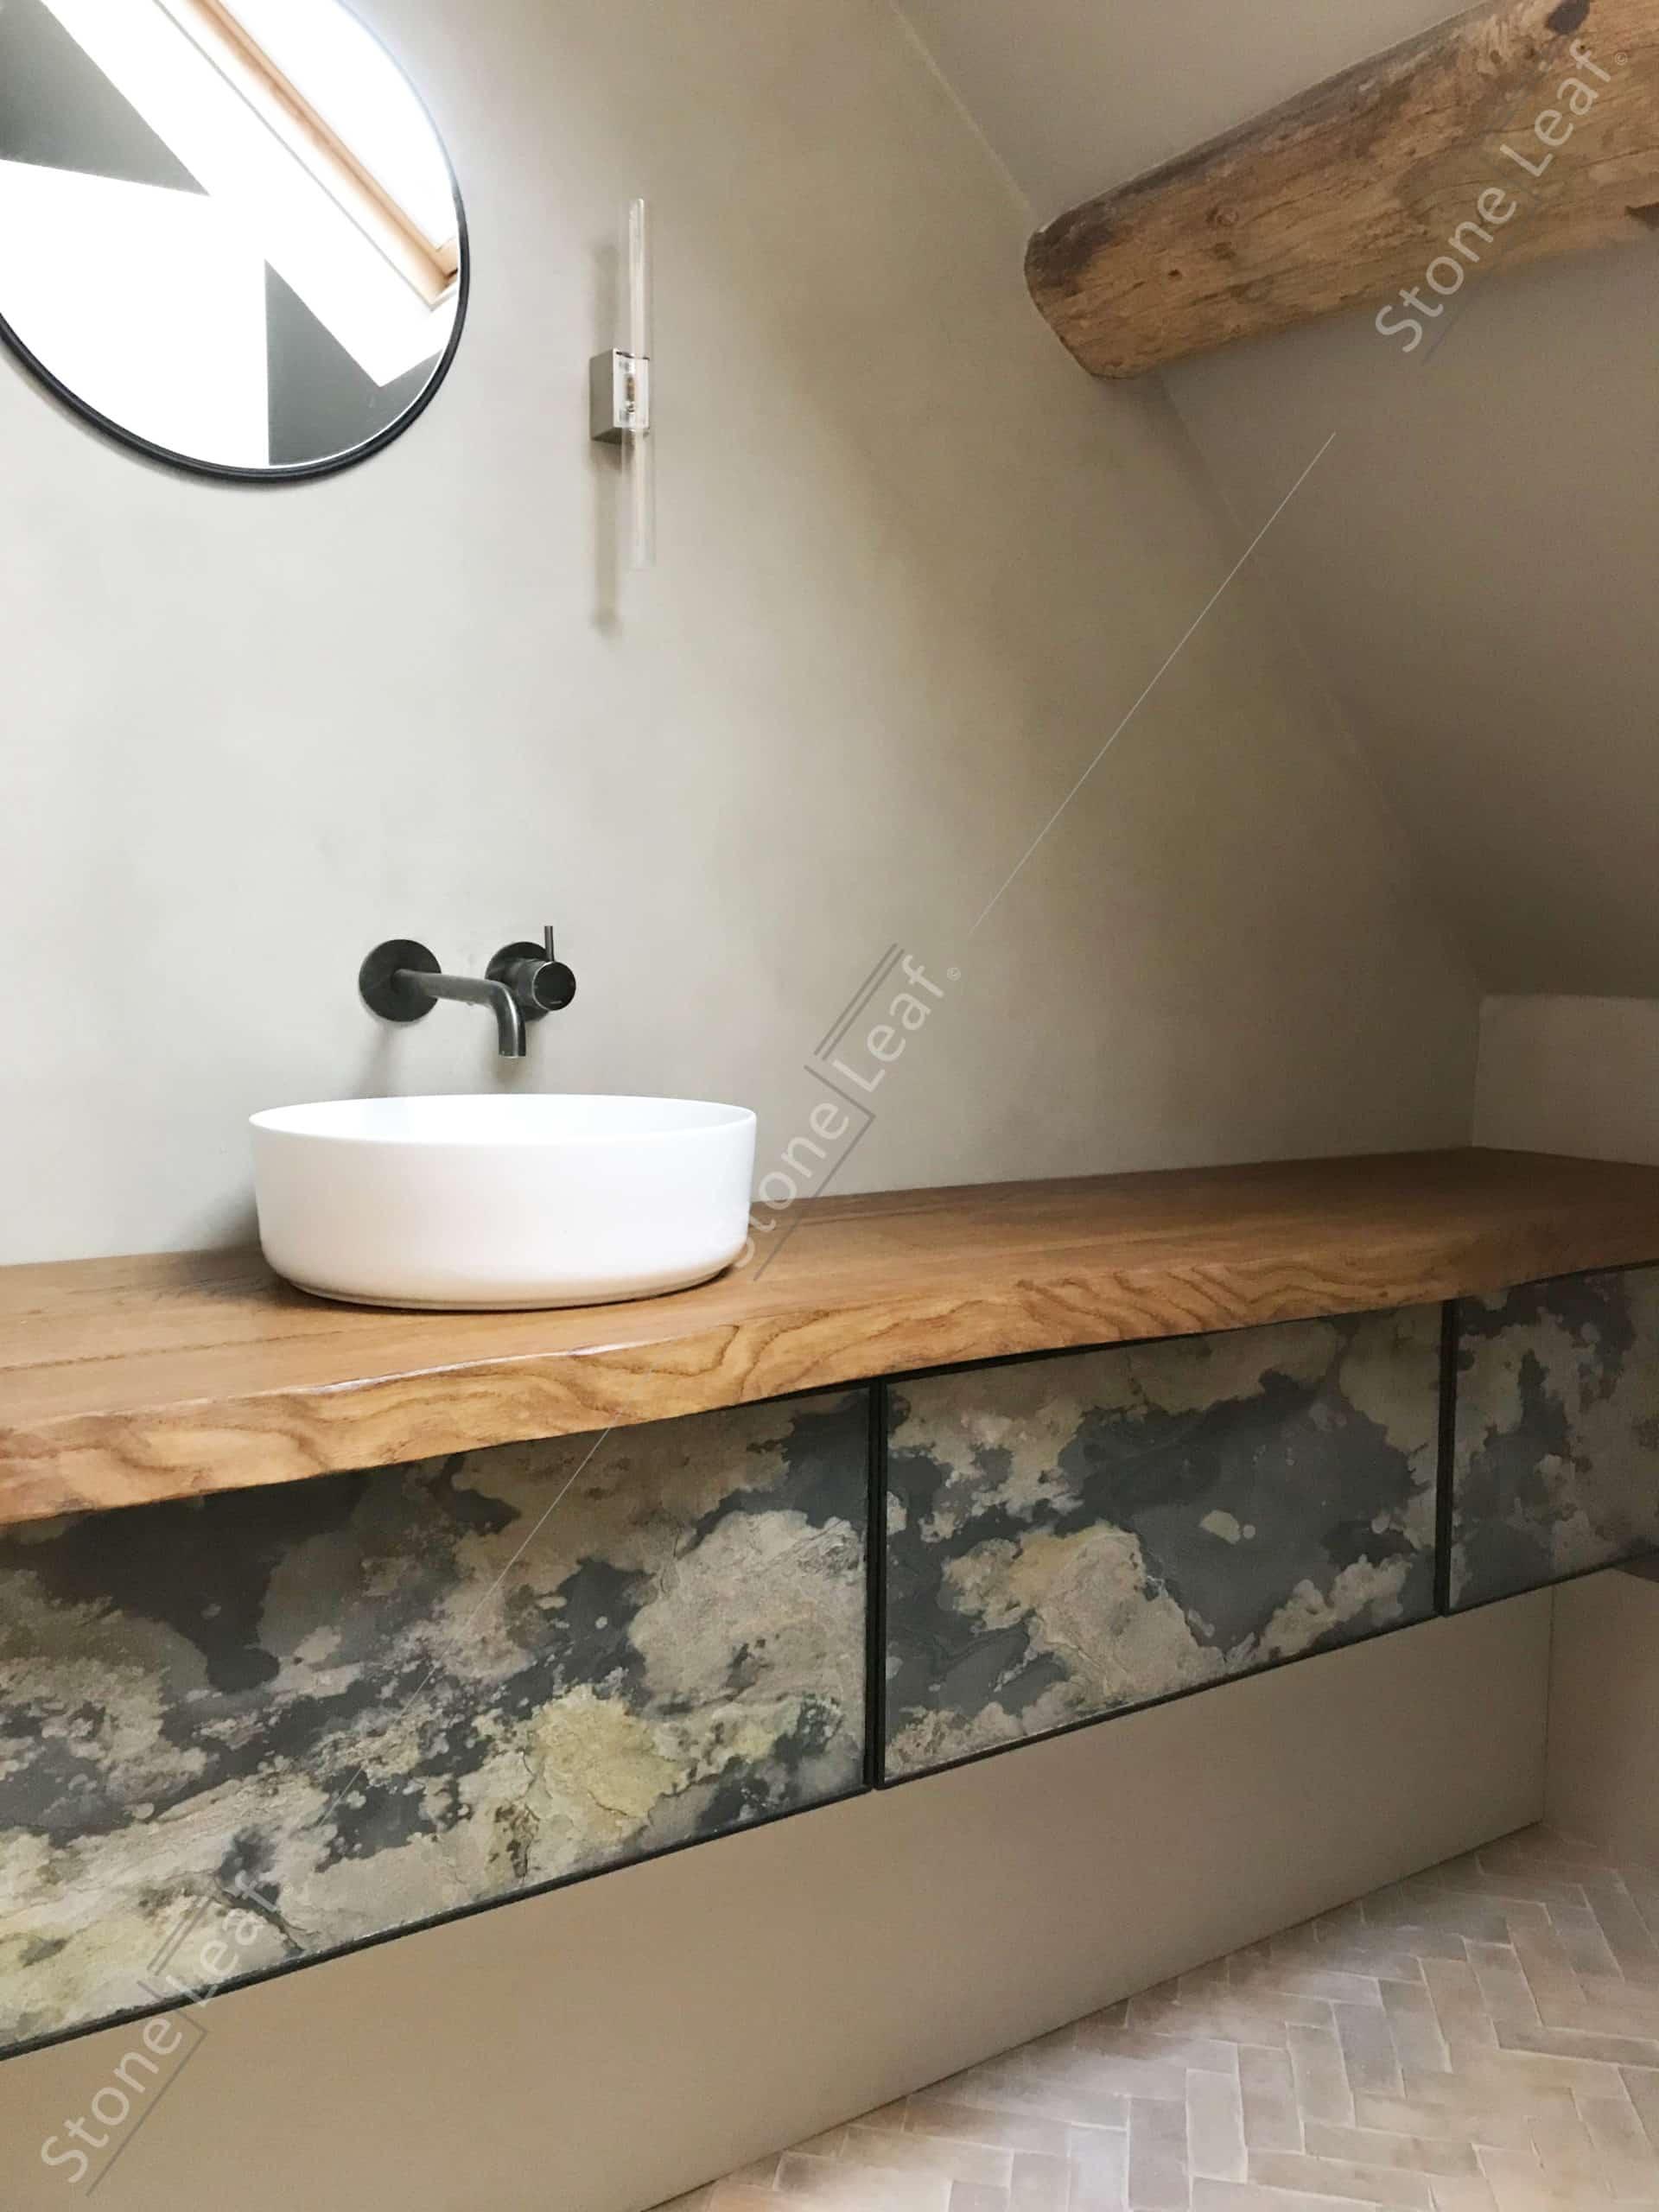 Our 100% natural stone sheets on a bathroom furnitureFeuille de pierre 100% naturelle sur un meuble de salle de bain